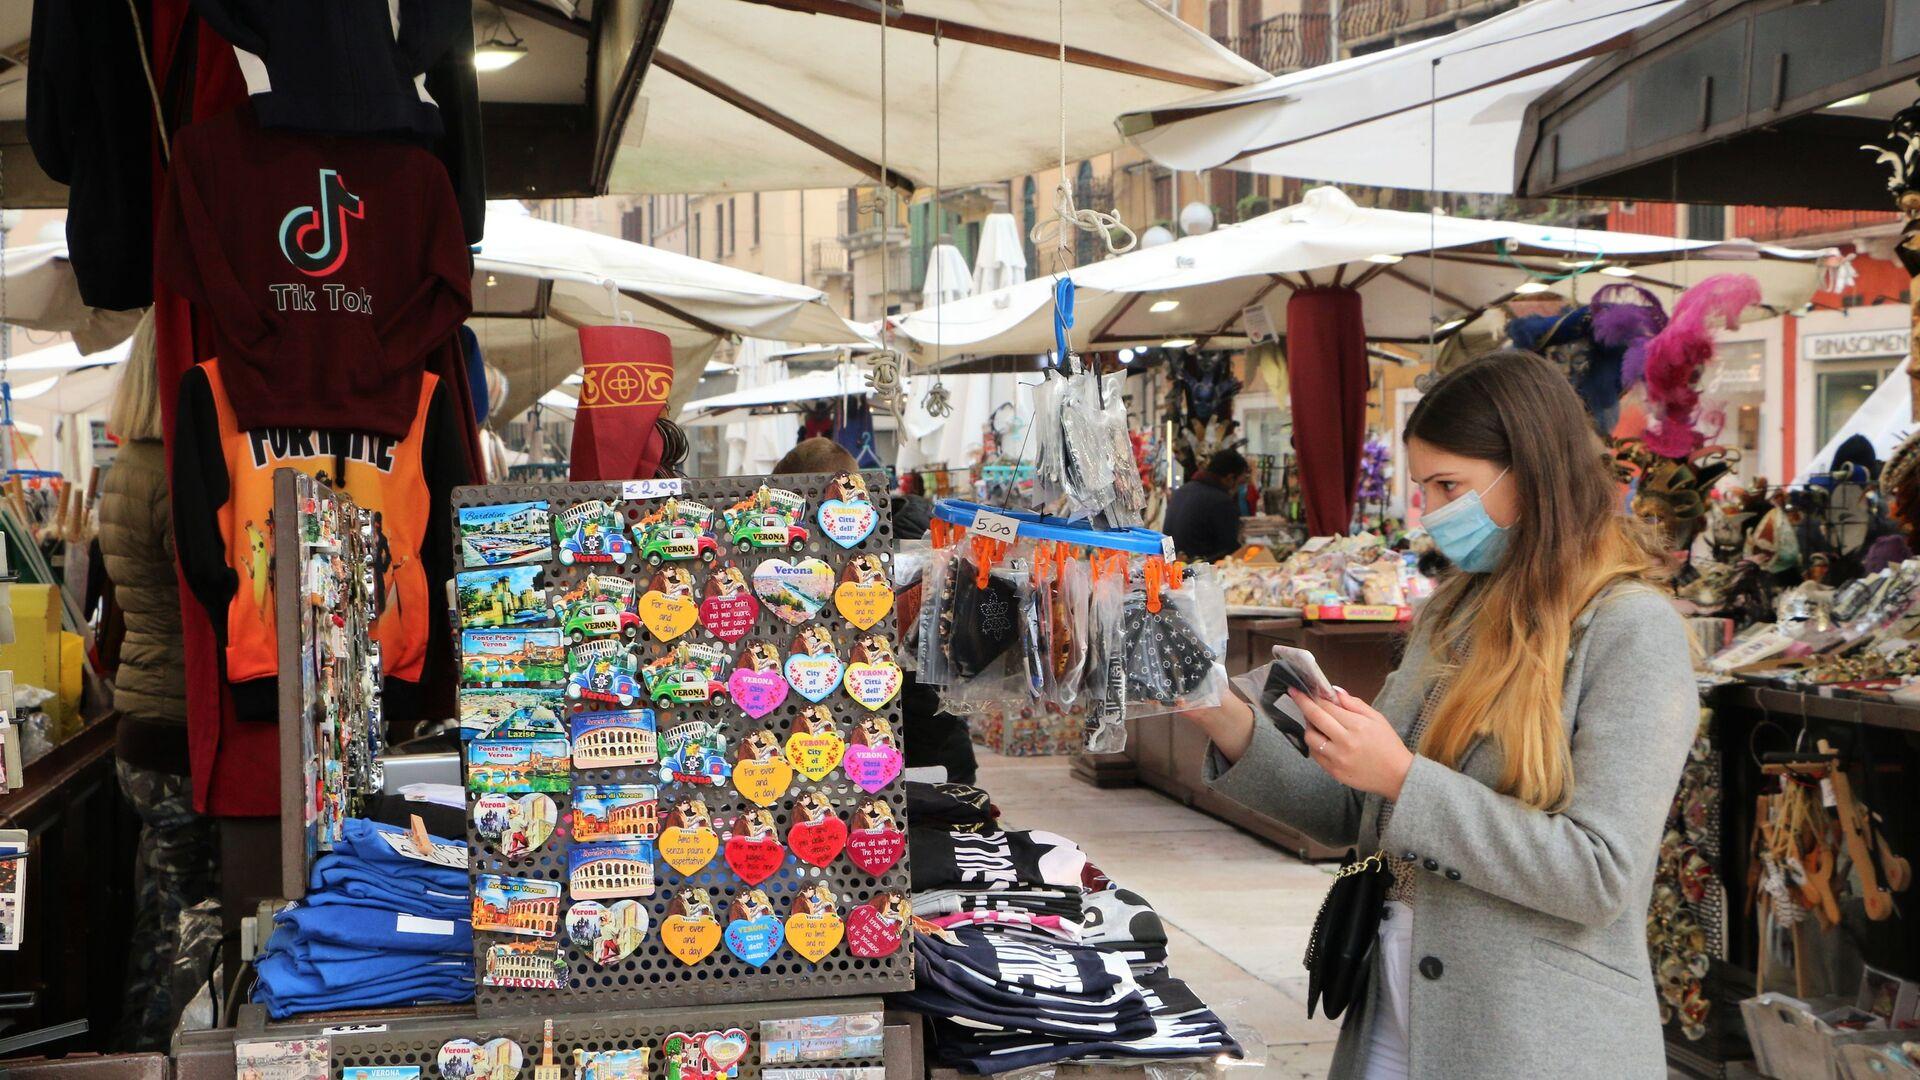 Una ragazza in mascherina compra i souvenir  - Sputnik Italia, 1920, 21.03.2021